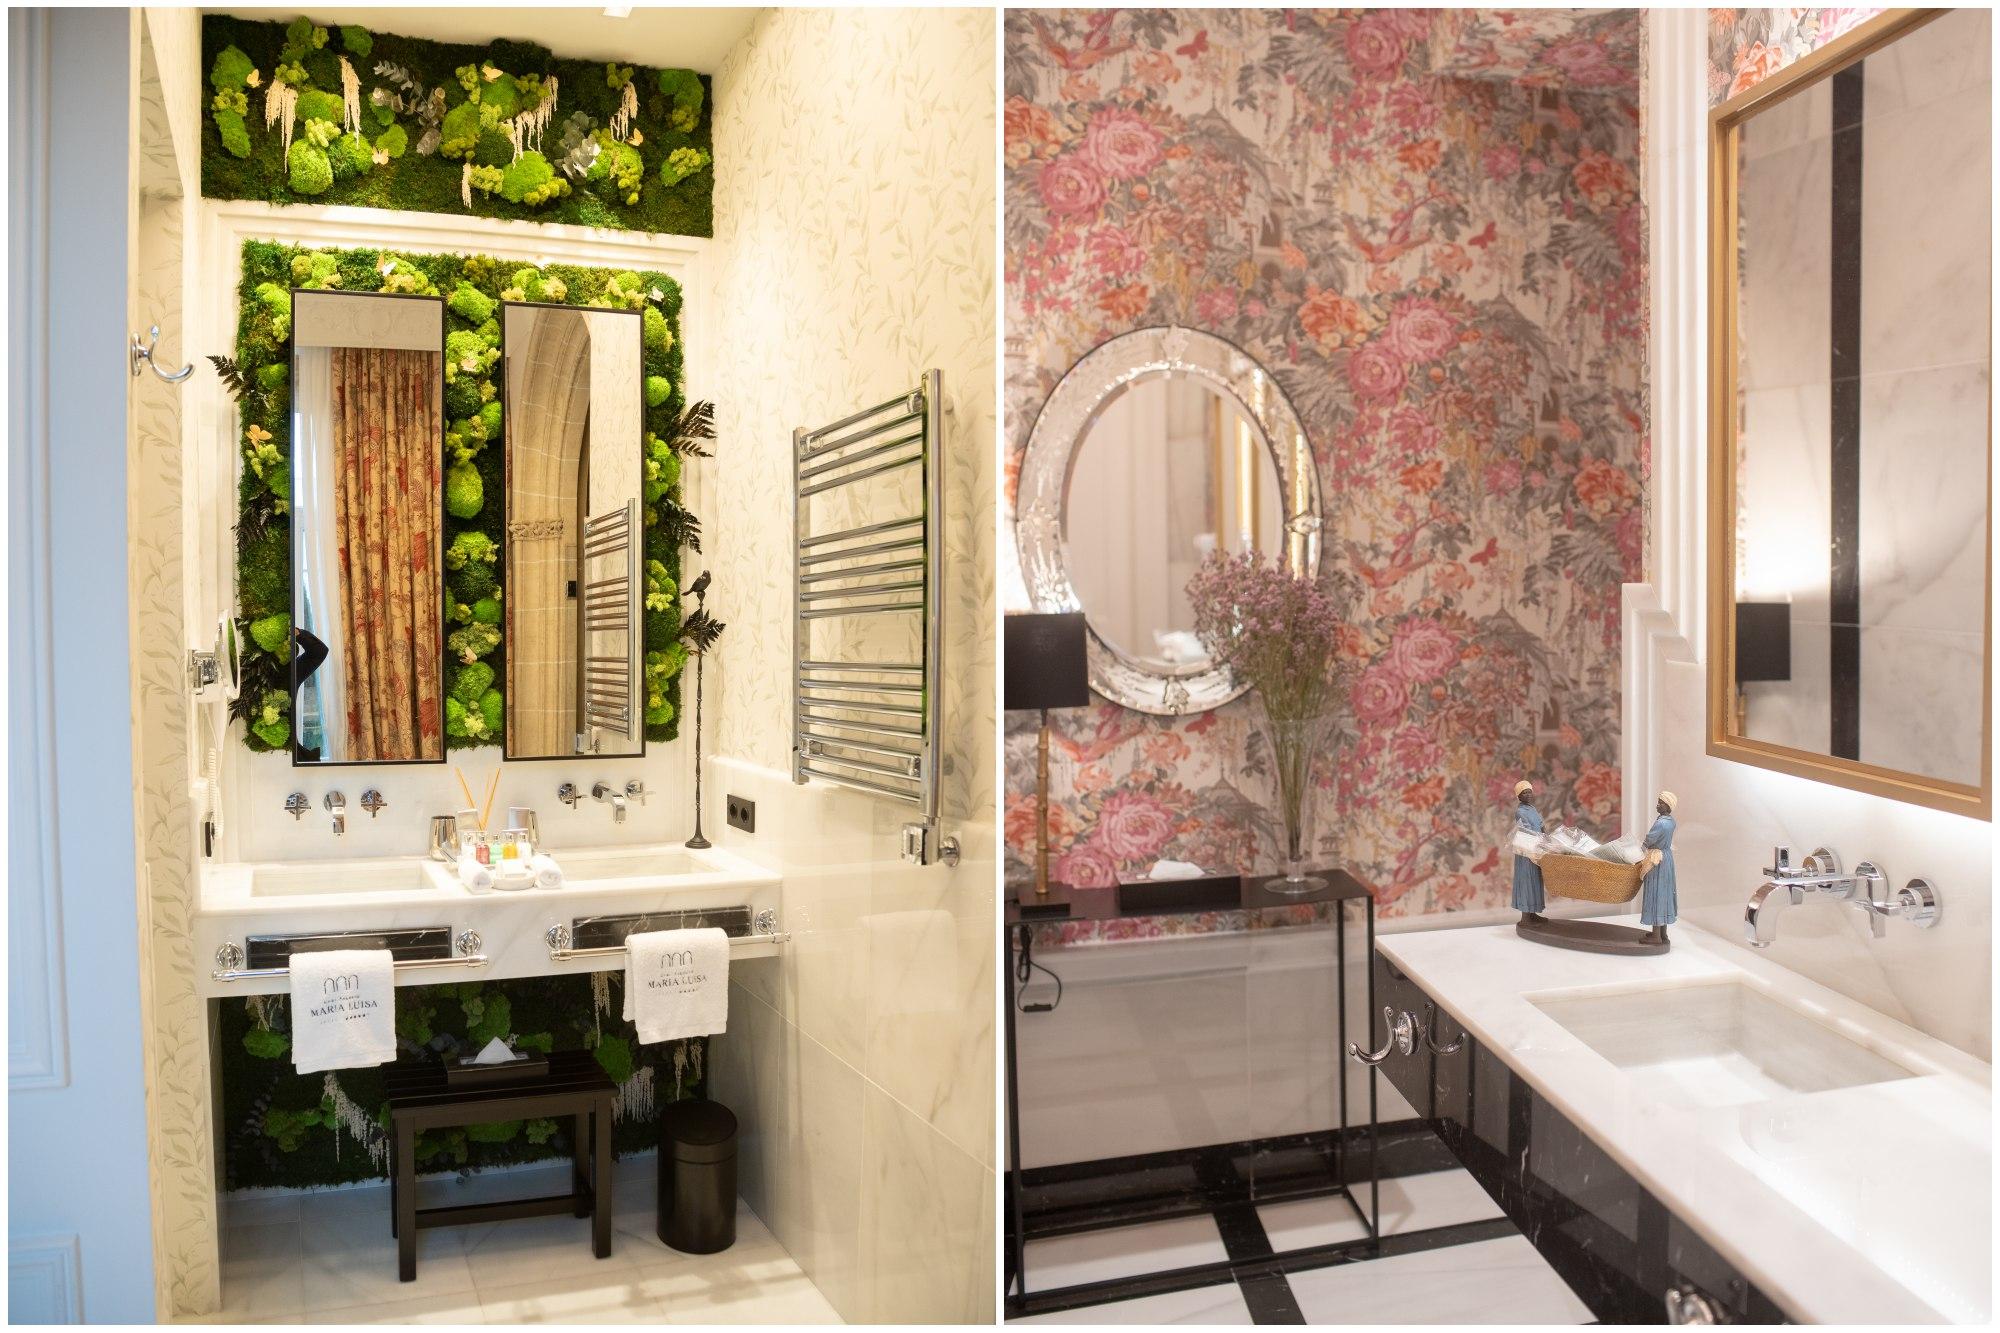 Detalle de dos de los baños del hotel. El de la izquierda, pertenece a la Suite María Luisa.